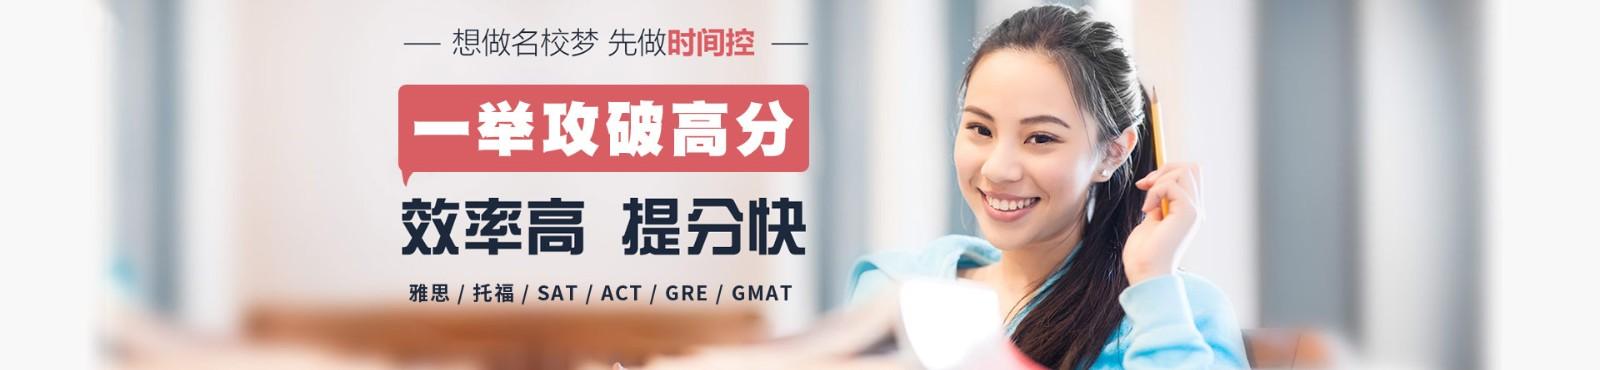 郑州新航道雅思betway体育app学校 横幅广告